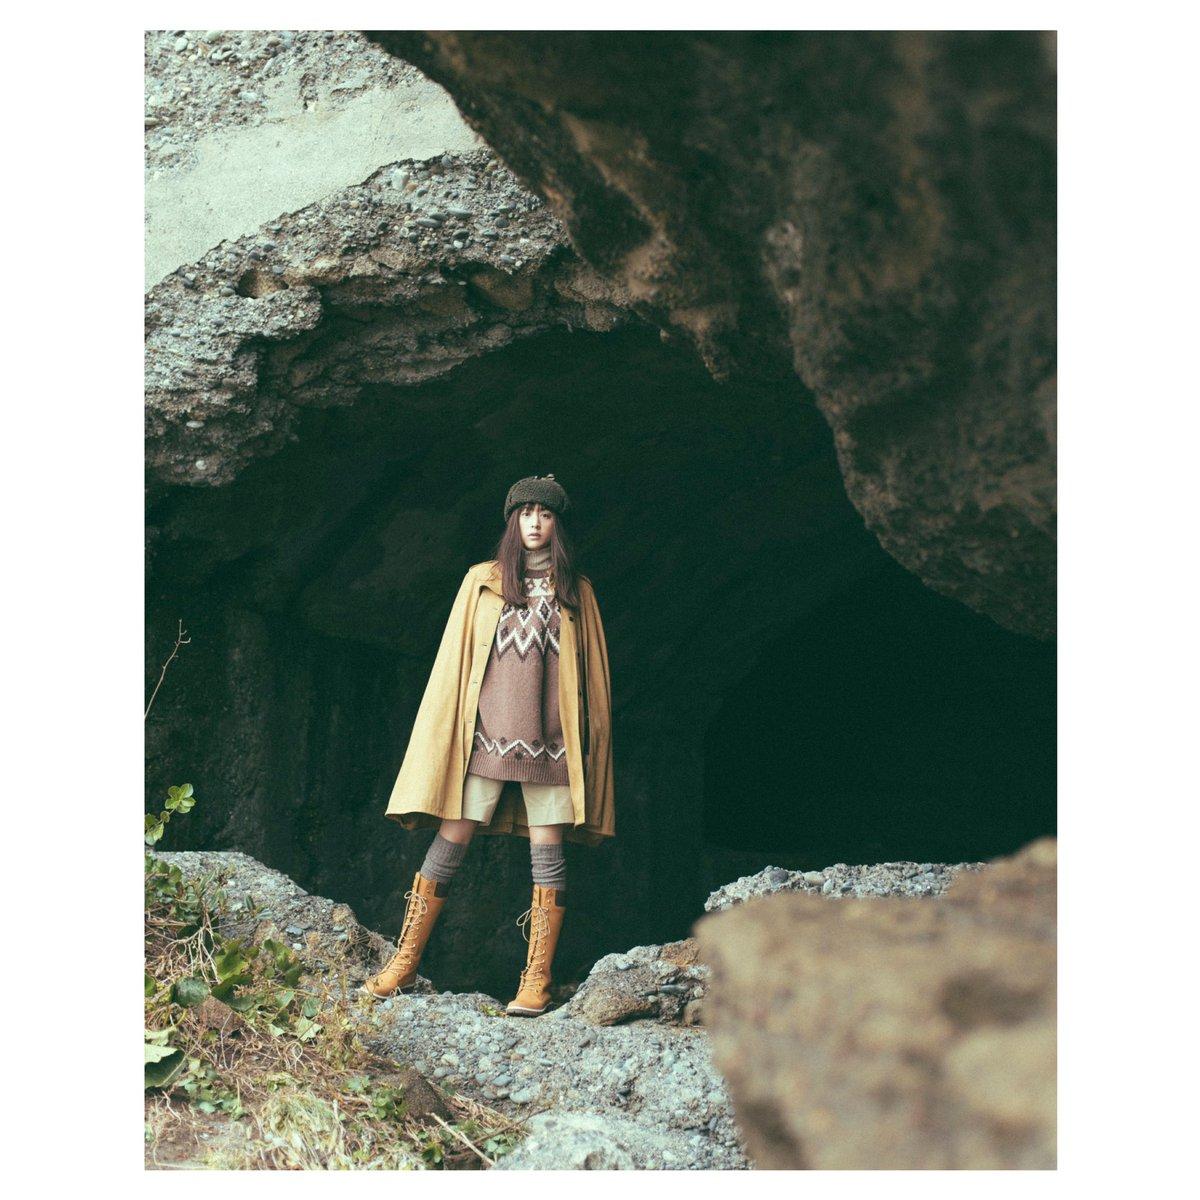 今月の #山本美月とアニメのはなしは、来年劇場版公開の、『メイドインアビス』です♡探窟家をイメージしたスタイリングで、洞窟で撮影。そして、アビスの世界をイメージして作画しました!誌面版はこれに文字も書いています。ぜひ今月号のSpring、見てください\(^^)/今月は巻頭です♡わーい